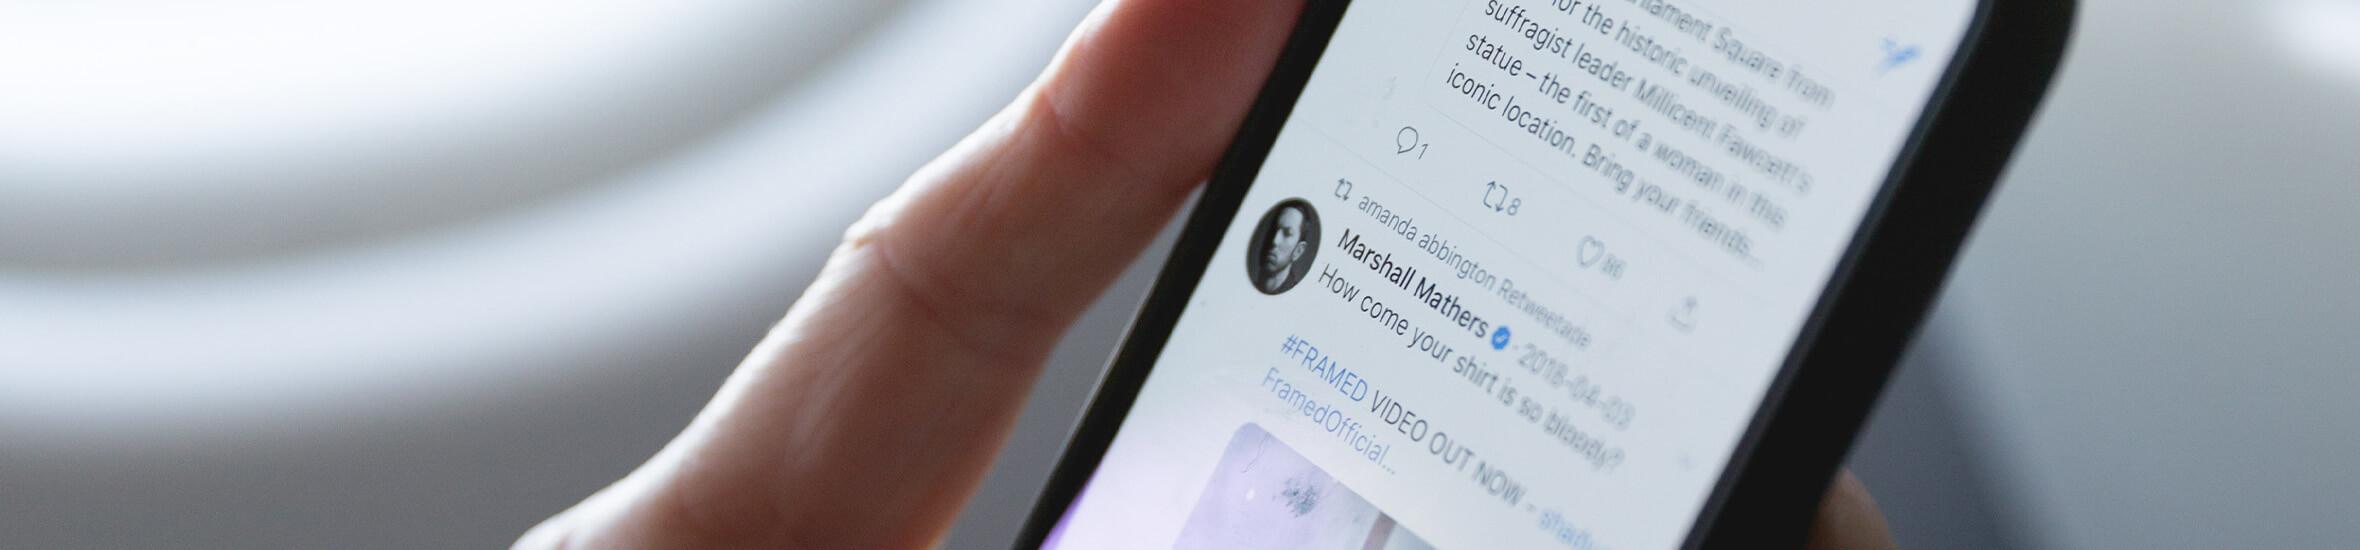 Twitter Ads : la publicité rapide et efficace